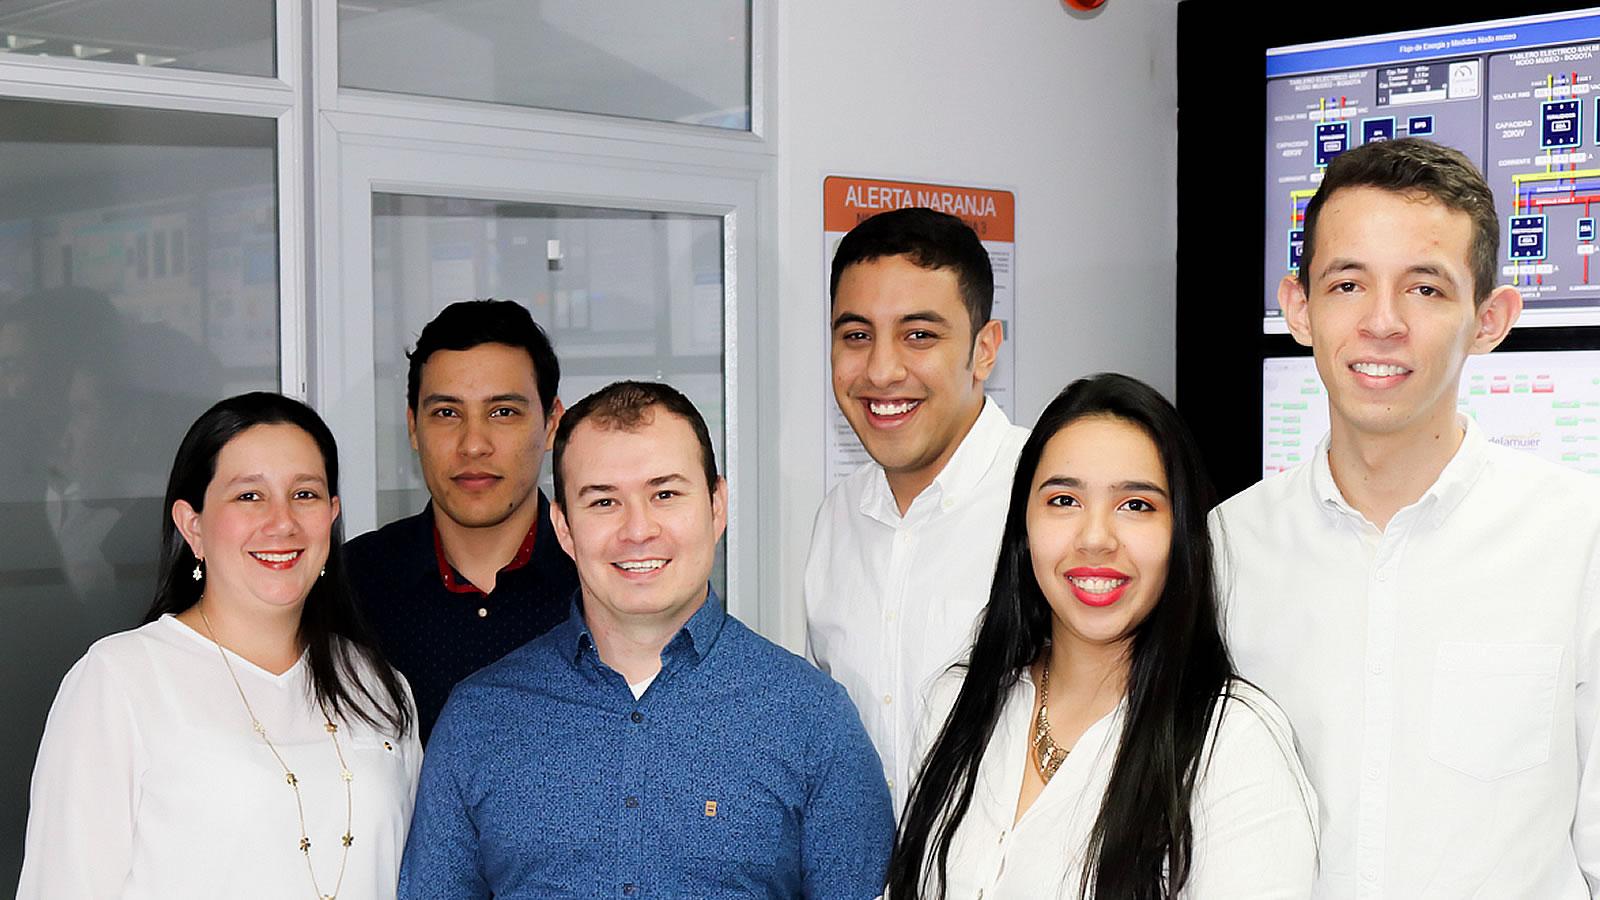 Soporte técnico 7X24 en Bucaramanga, Bogotá, Cali, Medellín, Cartagena , Barranquilla y somos proveedores de internet en pueblos  dcim